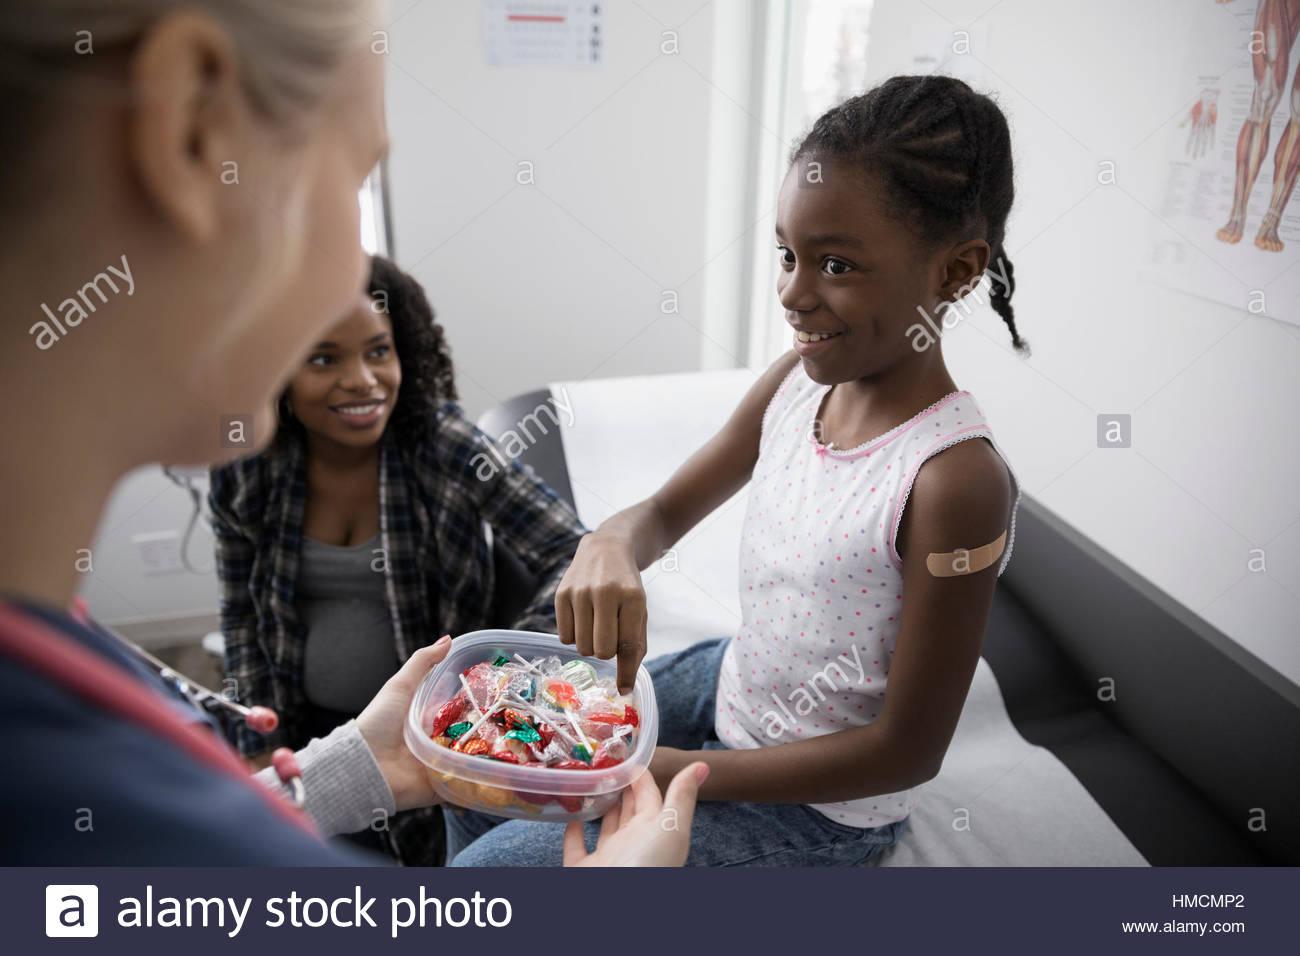 Femmina offerta infermiere paziente ragazza candy in clinica sala esame Immagini Stock